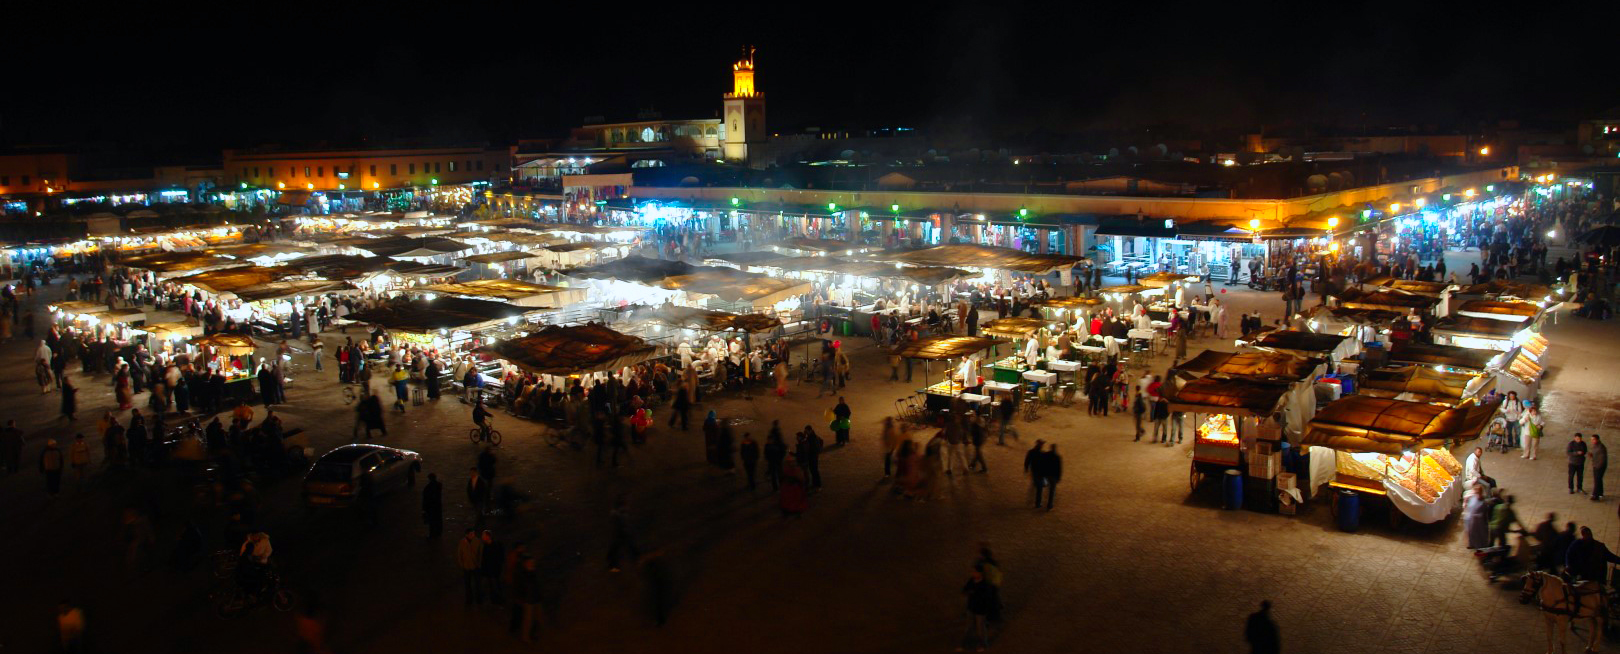 Qué ver en Marrakech, Marruecos - Morocco qué ver en marrakech - 31035423175 07bbba8e1f o - Qué ver en Marrakech, Marruecos